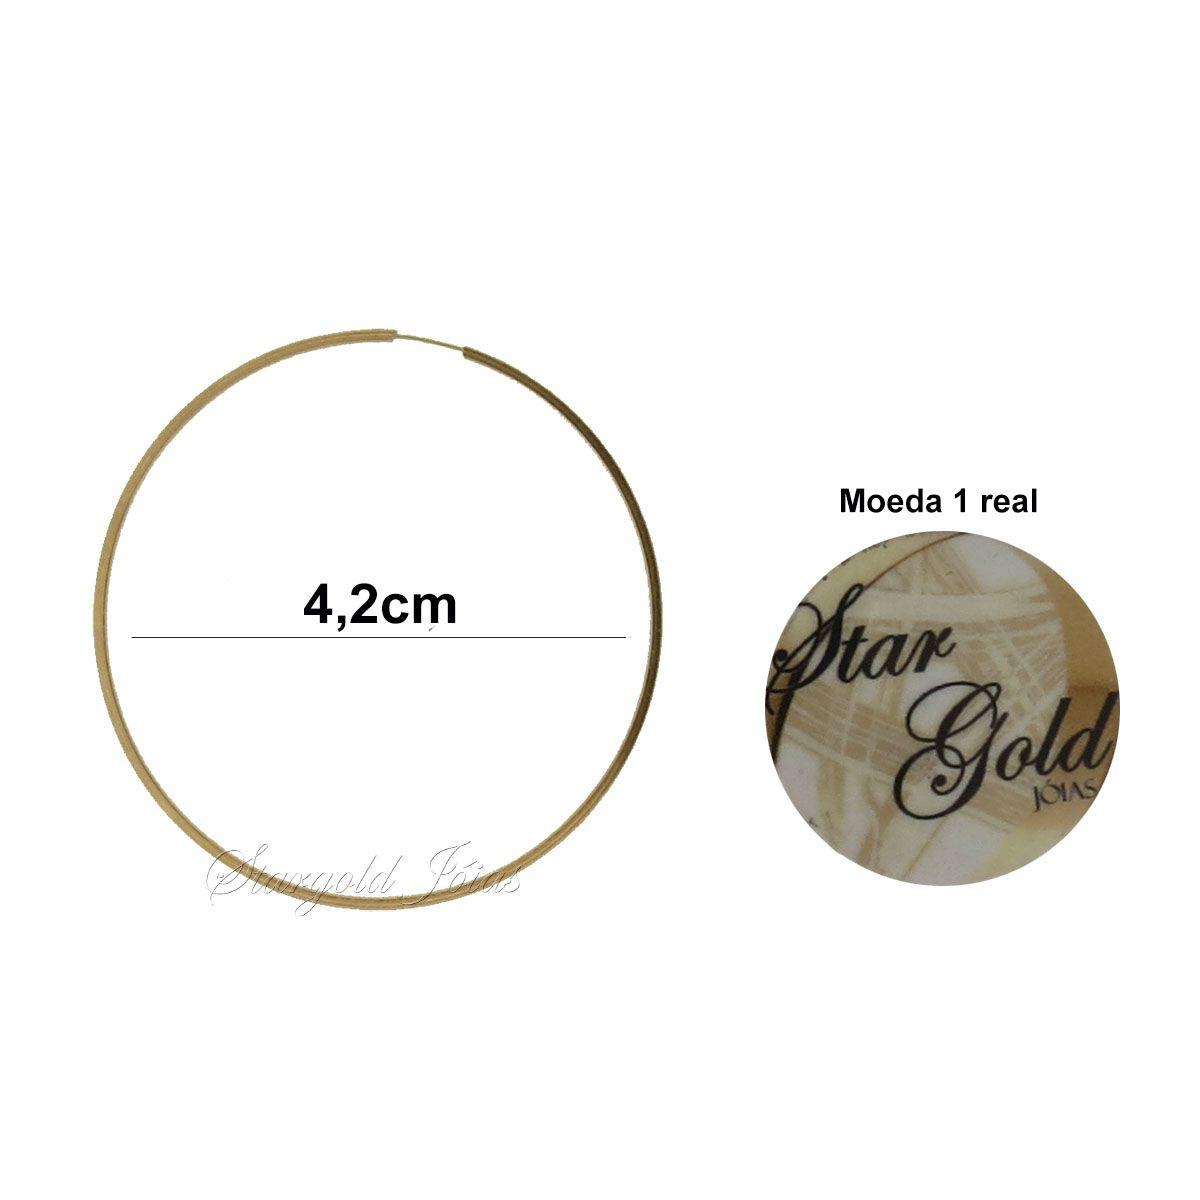 Brinco Argola Redonda 4,2cm Fio Quadrado Ouro 18k